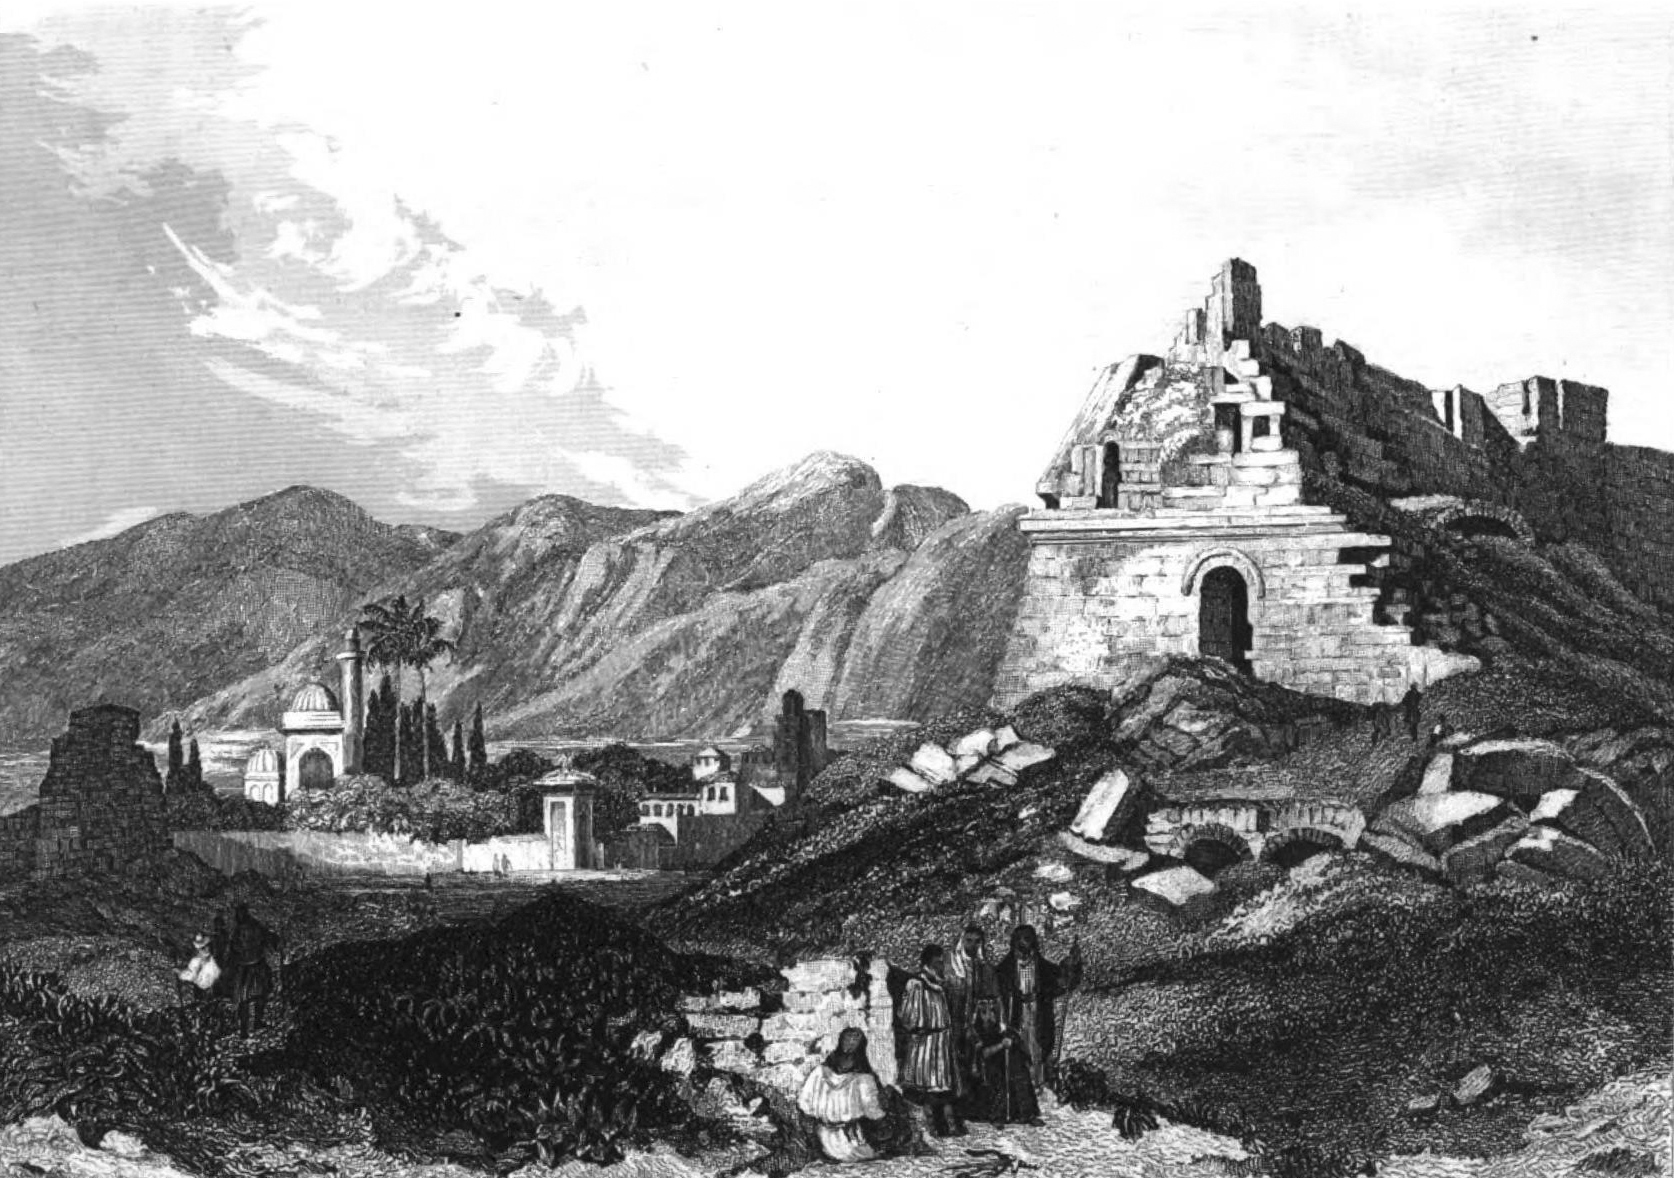 Miletの画像 p1_11